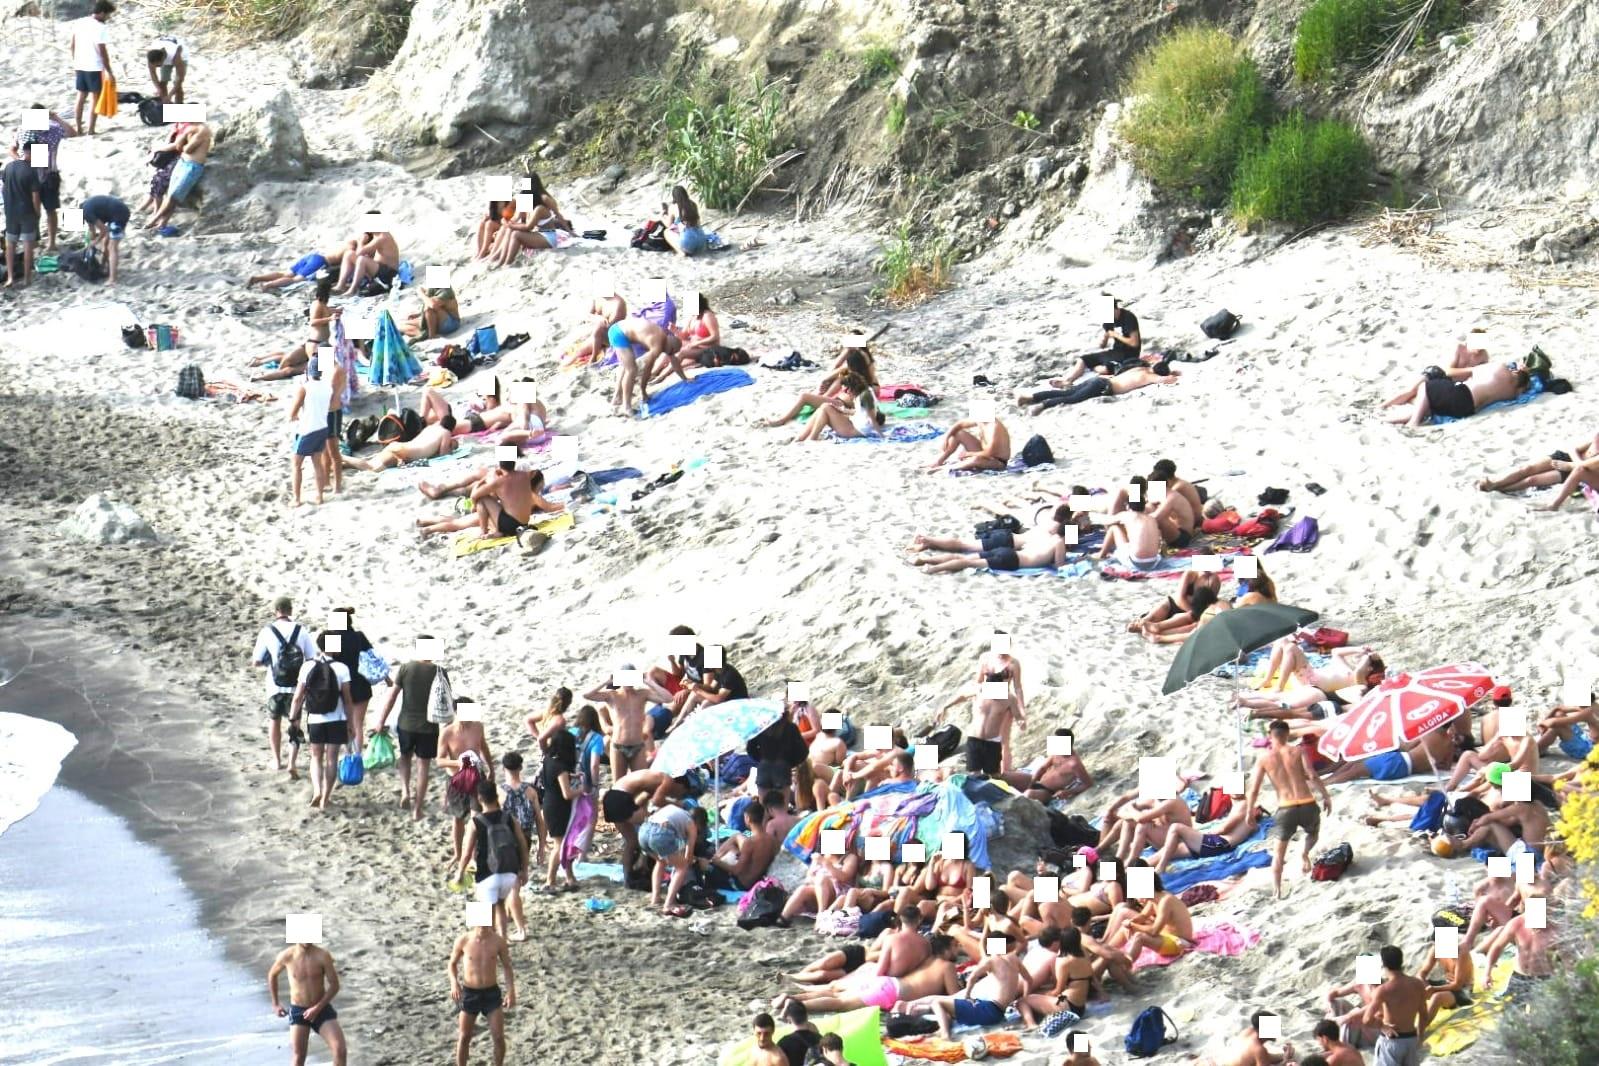 """Spiagge Ischia: """"Alla conquista della libertà perduta"""", turisti si immergono per scampare ai controlli"""